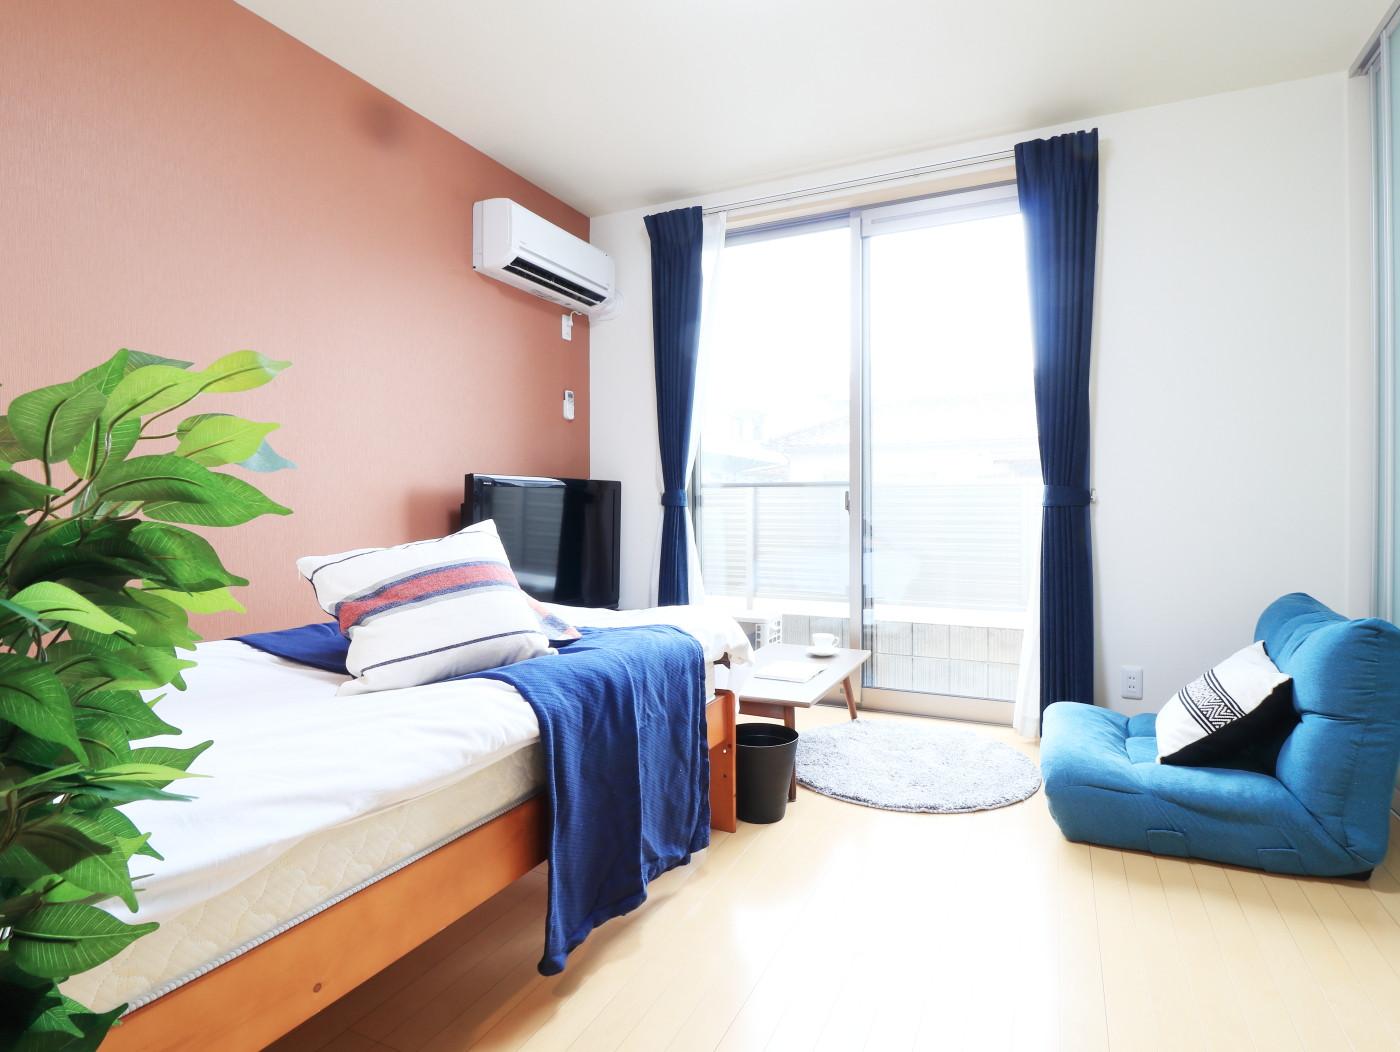 築浅の物件で清潔感のある物件となっております♪自宅で暮らすようなゆったりとした空間が魅力的♪出張の方はもちろん、学生さんや観光でいらっしゃる方にもKマンスリーのお部屋は家具・家電・備品の充実度が高いため大変ご好評いただいております。